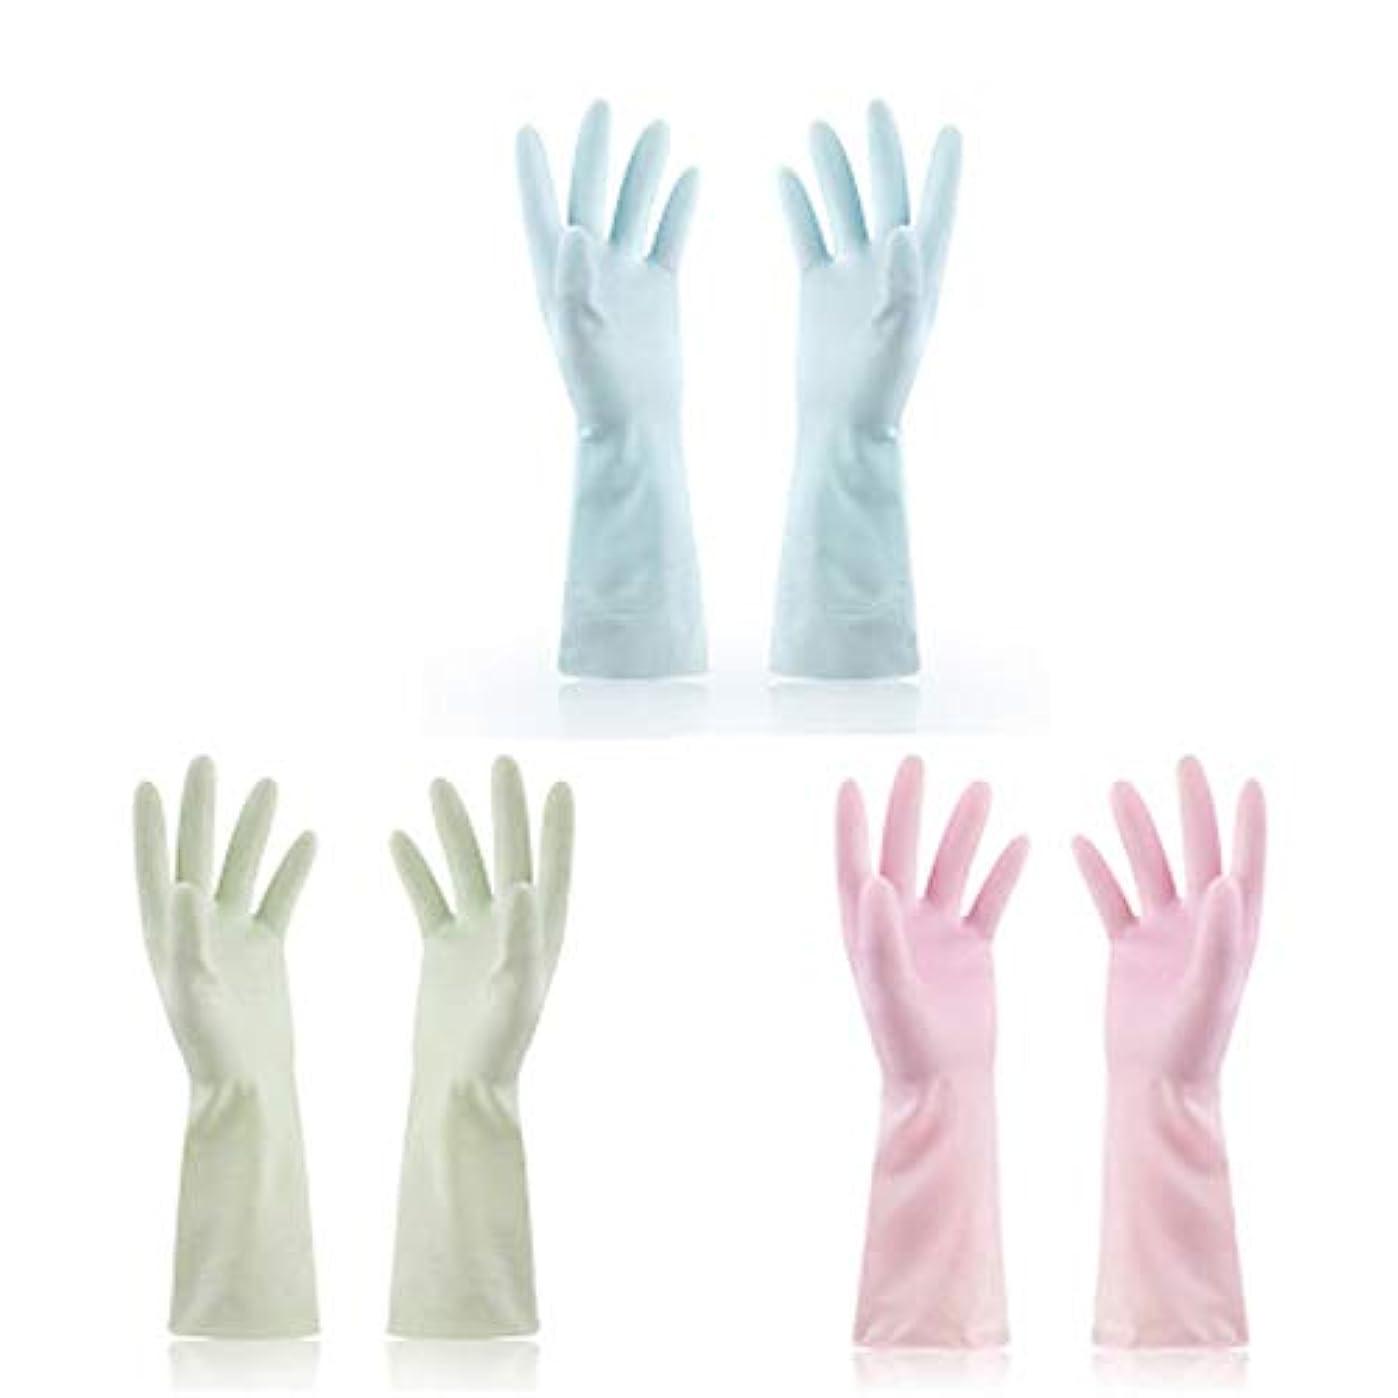 仲間、同僚再び回想使い捨て手袋 使い捨て手袋防水ラテックス焦げ付き防止ゴム製ゴム製台所手袋、3組 ニトリルゴム手袋 (Color : Multi-colored, Size : M)